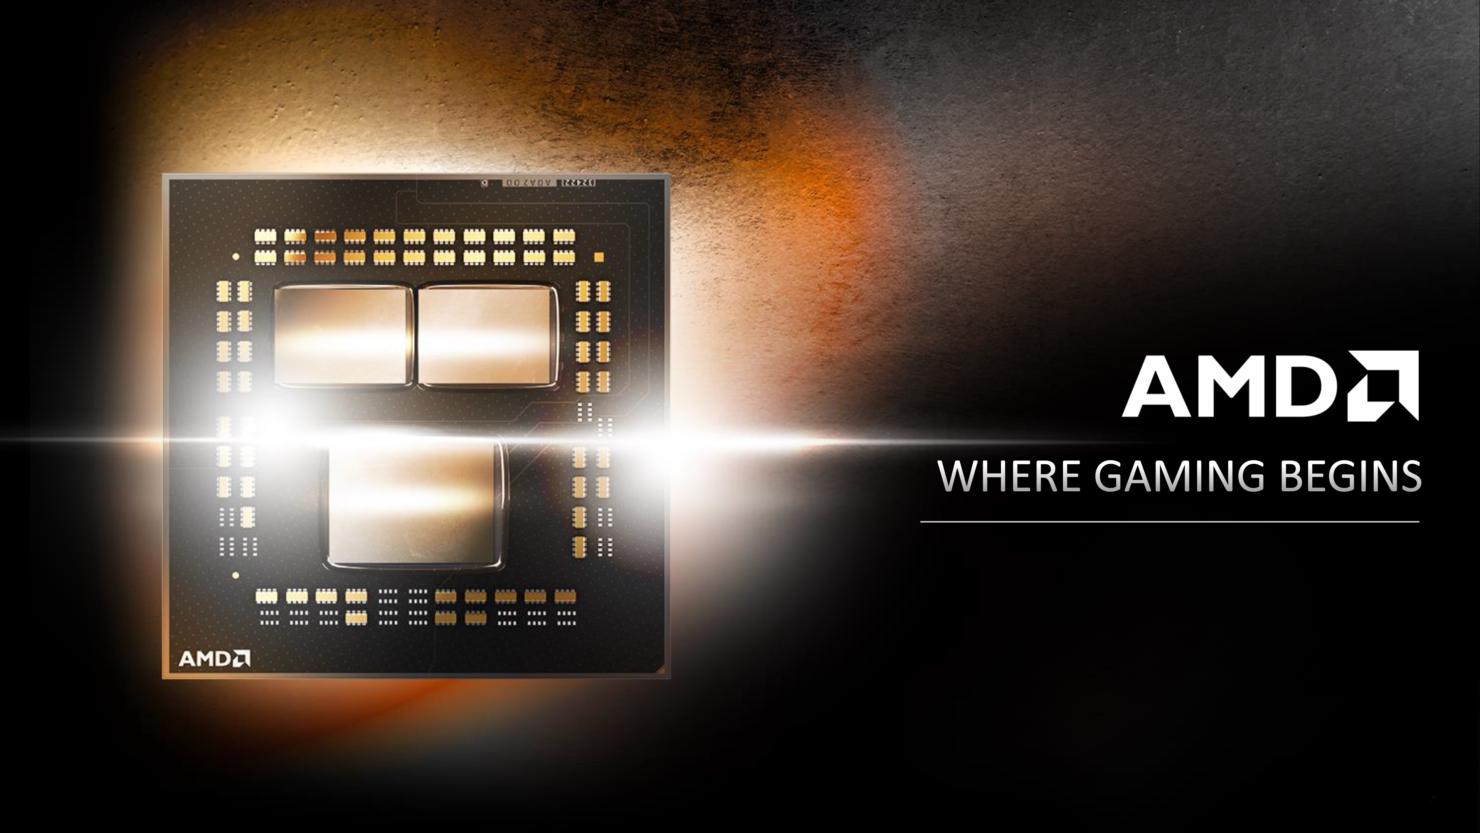 AMD's Next-Gen Strix Point Ryzen APUs Feature Hybrid 3nm Zen 5 & Zen 4 CPU Cores, Alleges Rumor